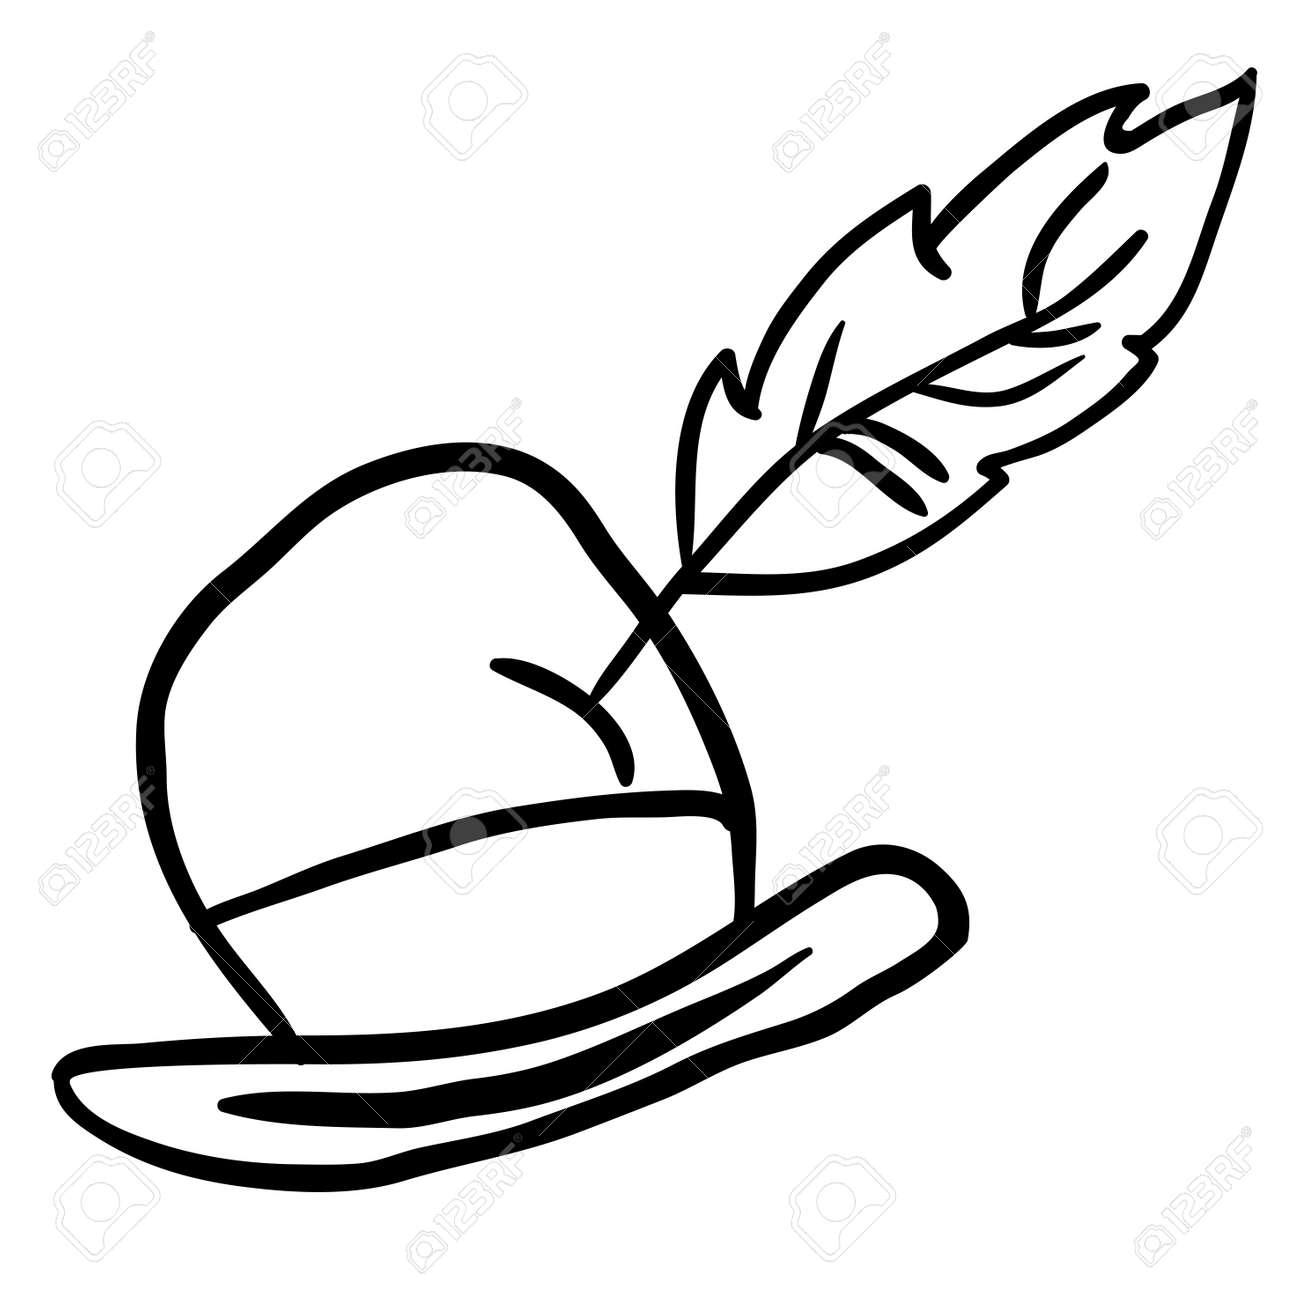 Simple Dessin Anime Chapeau Noir Et Blanc Clip Art Libres De Droits Vecteurs Et Illustration Image 55349110